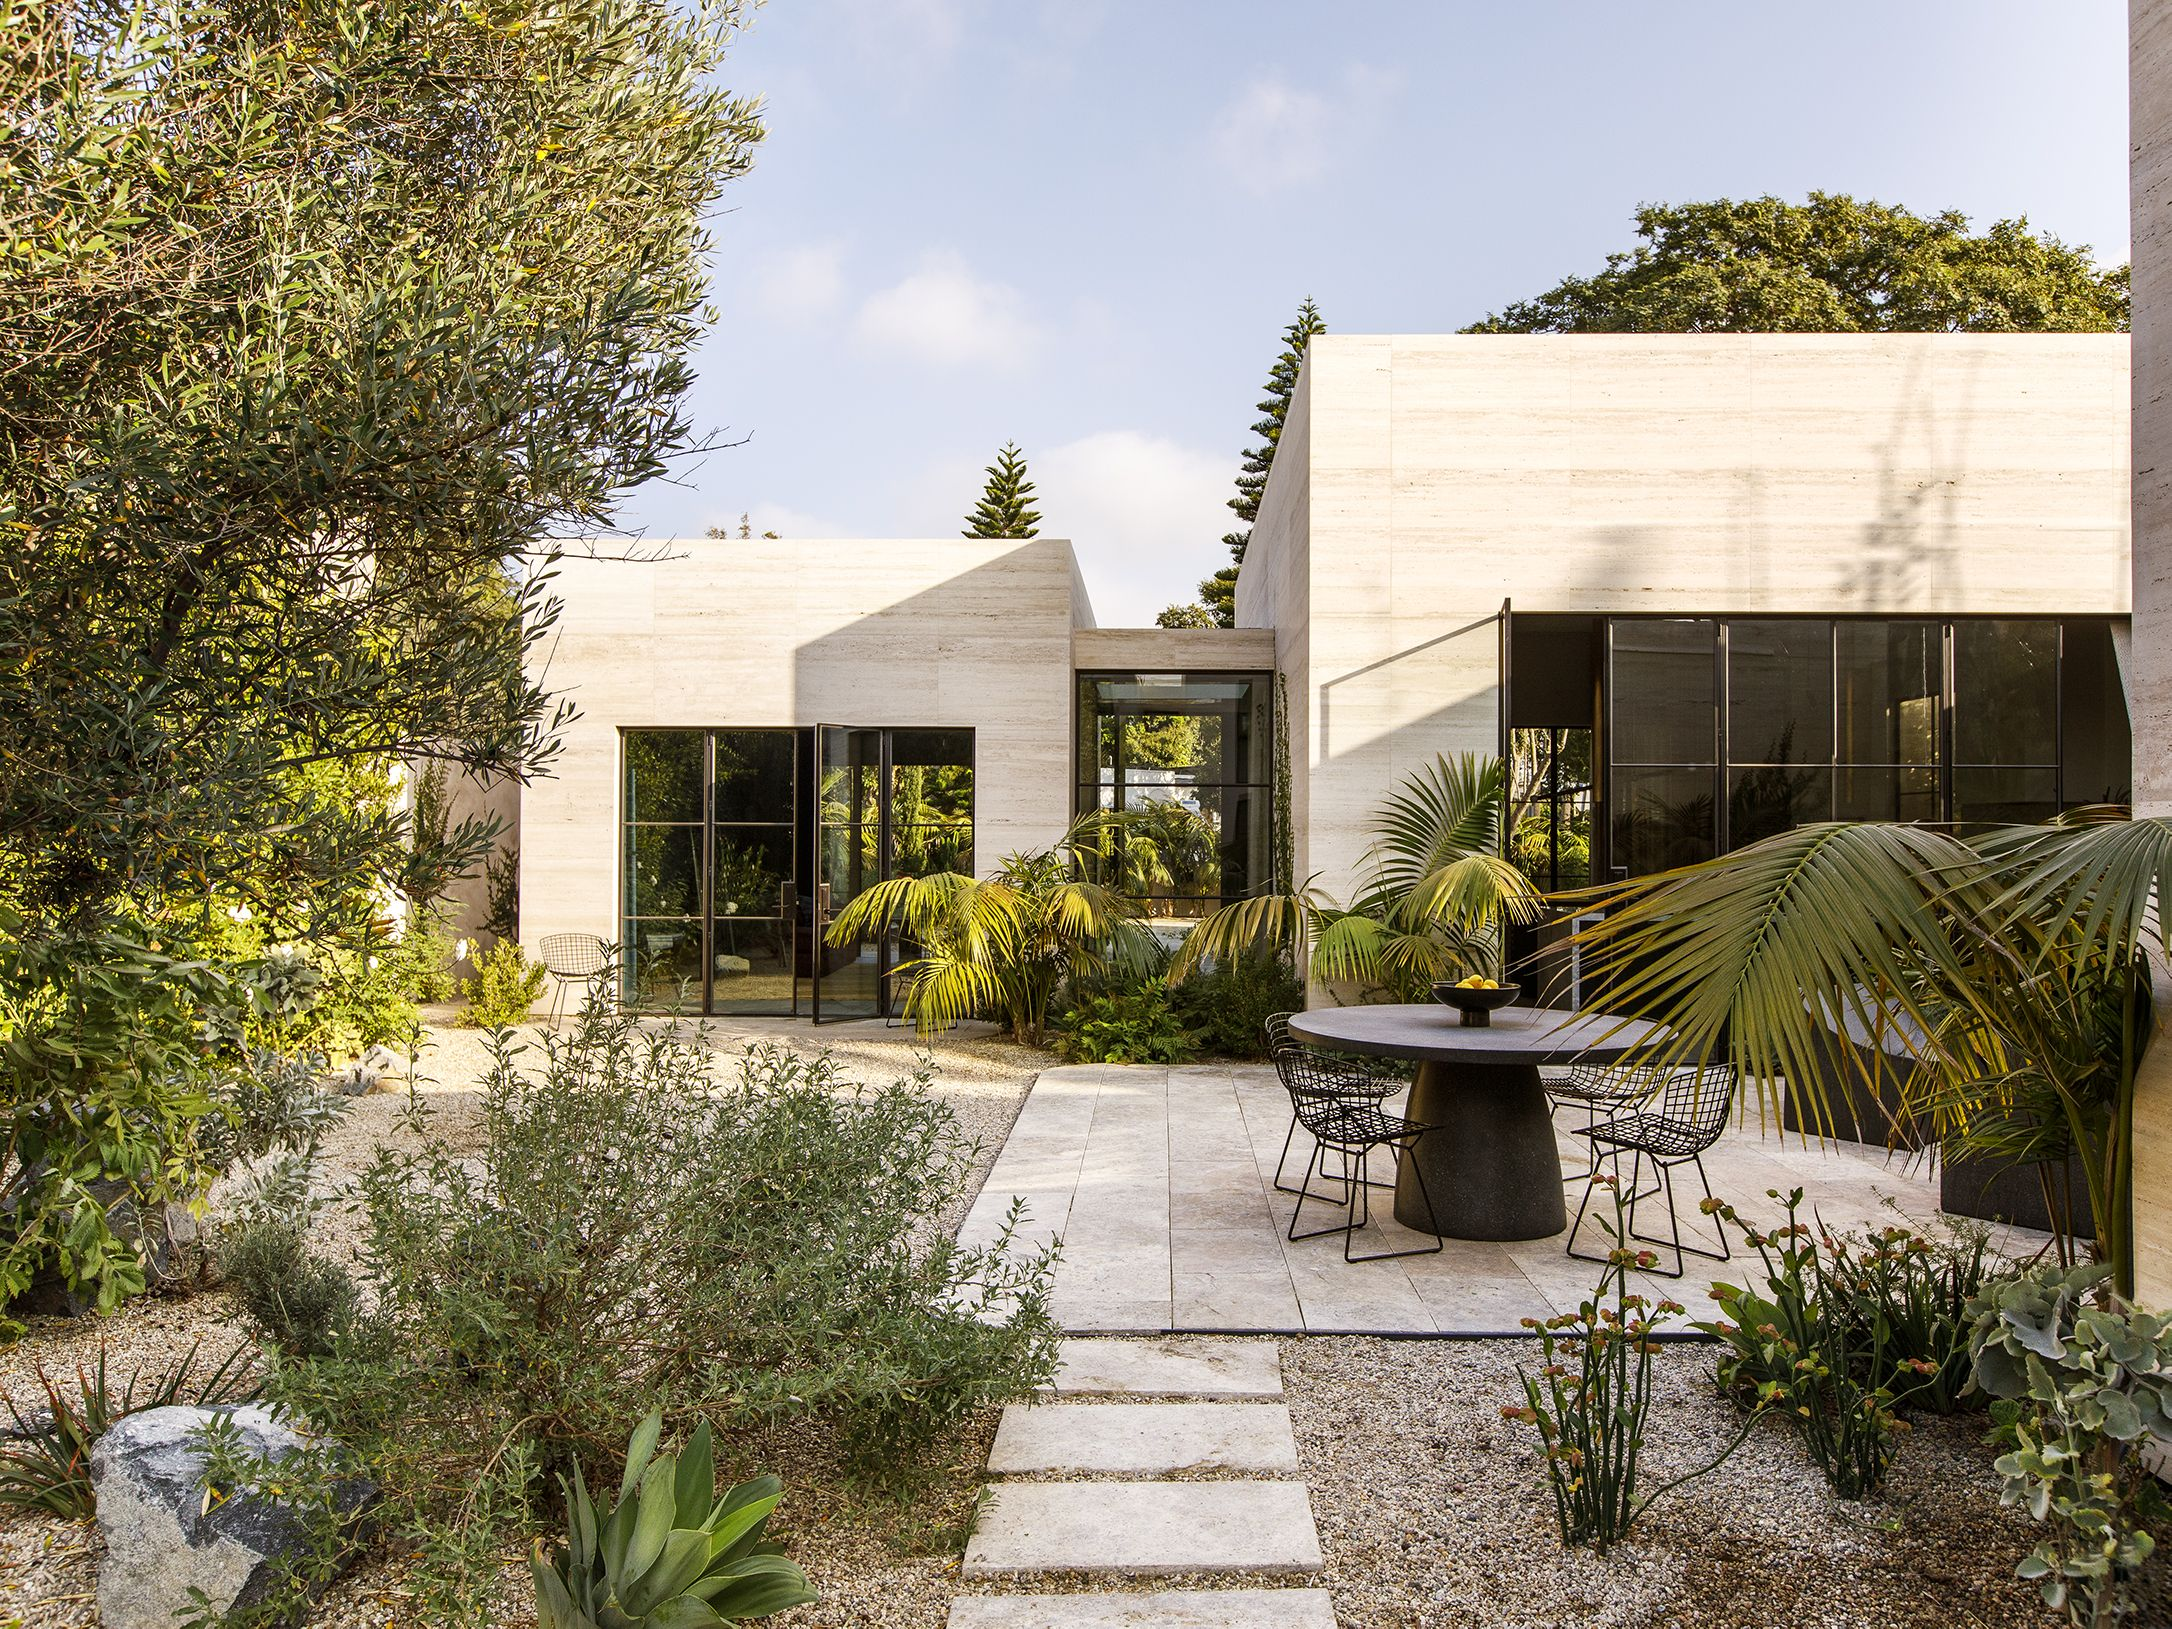 Il sogno californiano vive in questo residence a Venice Beach: un santuario urbano devoto all'arte